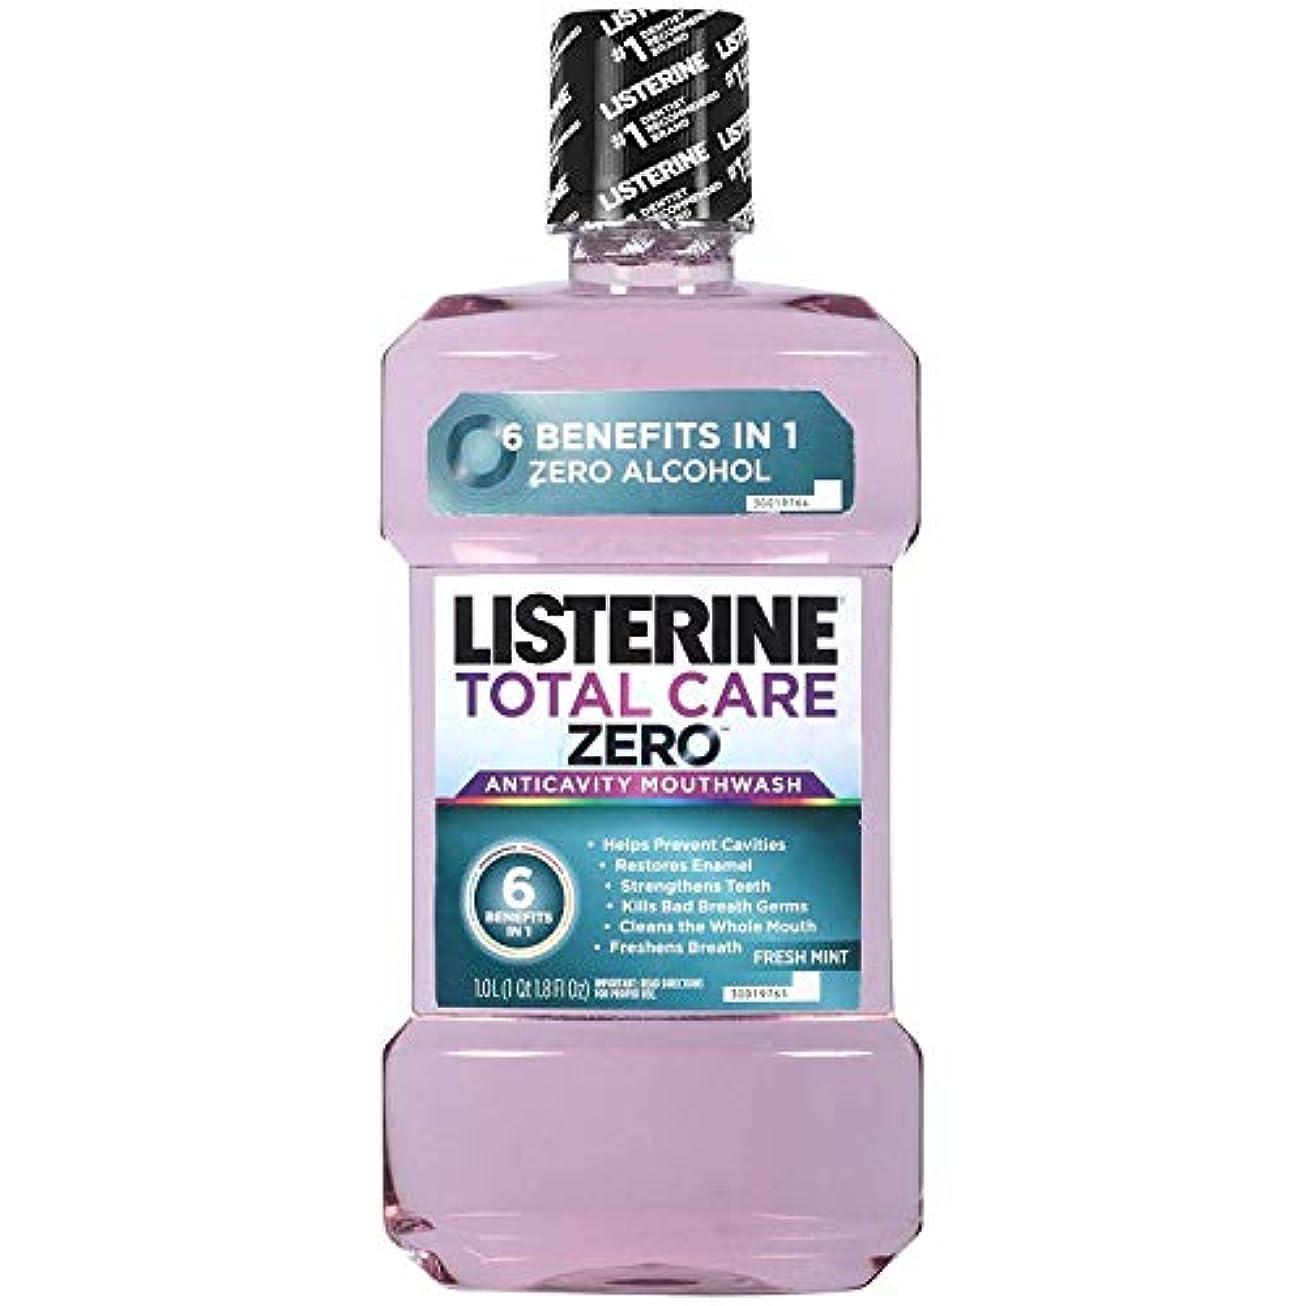 満足させるリルアラブサラボListerine ゼロトータルケアサイズ33.8Oトータルケアゼロ虫歯予防マウスウォッシュフレッシュミント1リットル/ 33.8Flオズ